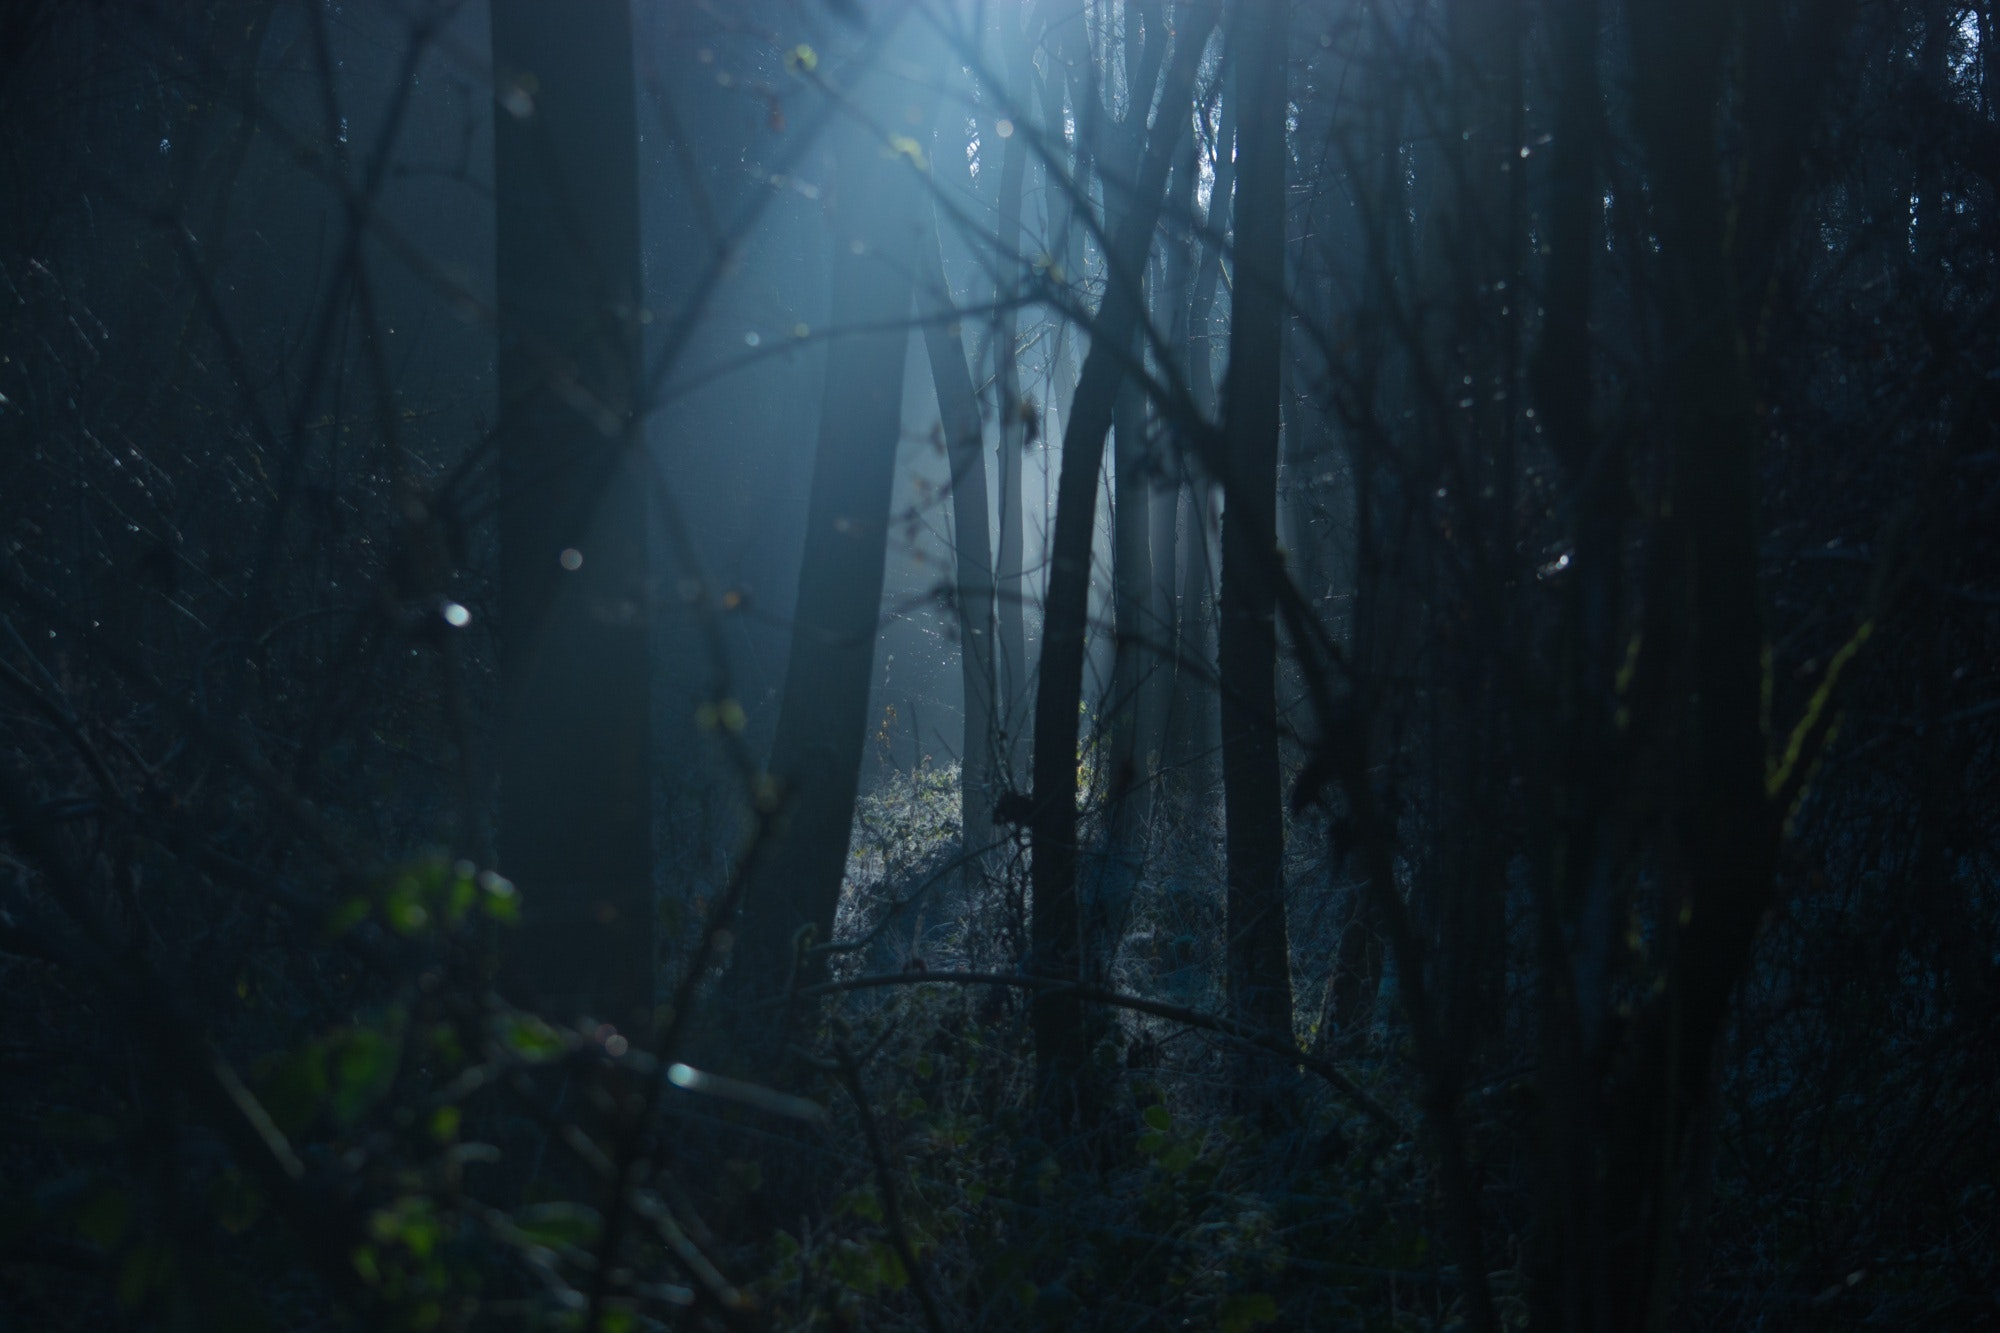 Ein dunkler Wald bietet immer ein ordentliches Szenario für einen Horrorfilm.